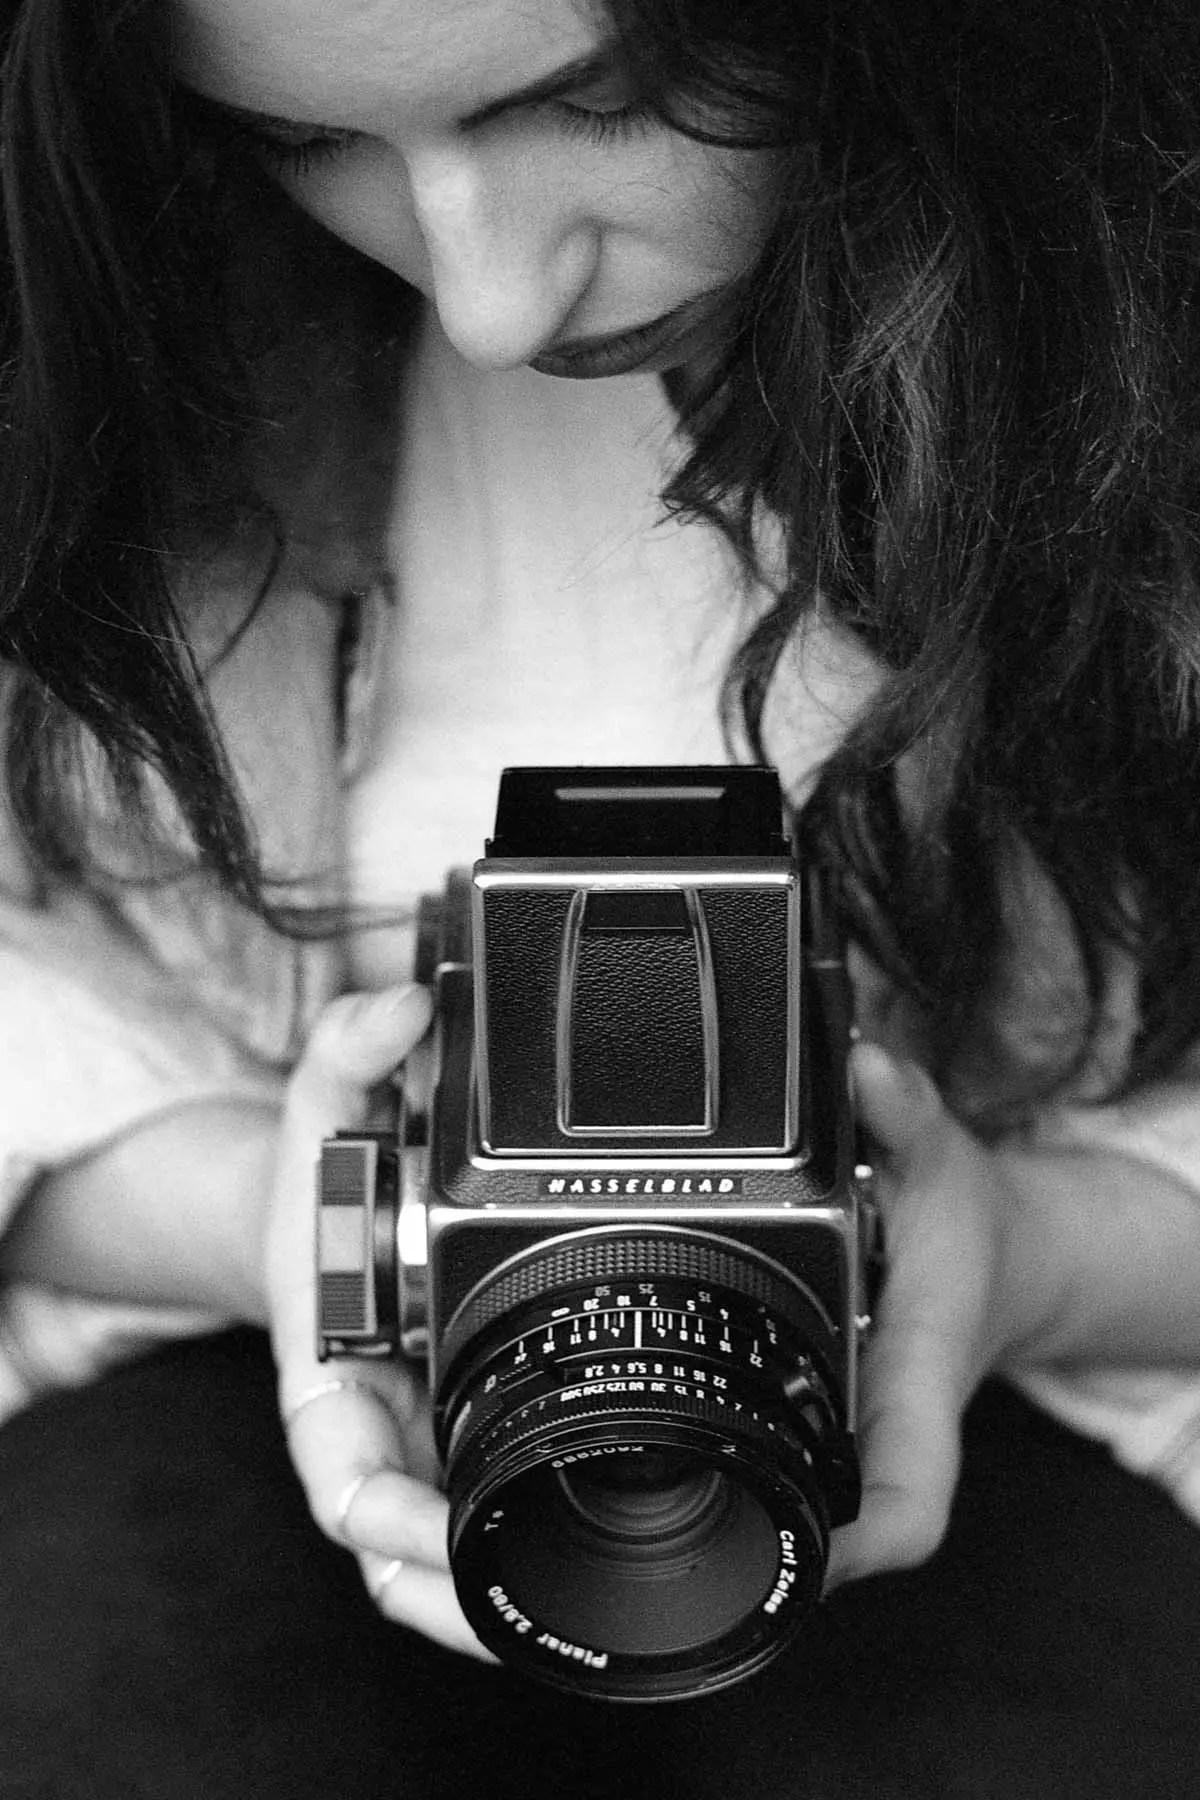 Kodak T-MAX 400, EI 400, CONTAX S2, Carl Zeiss Planar 85mm